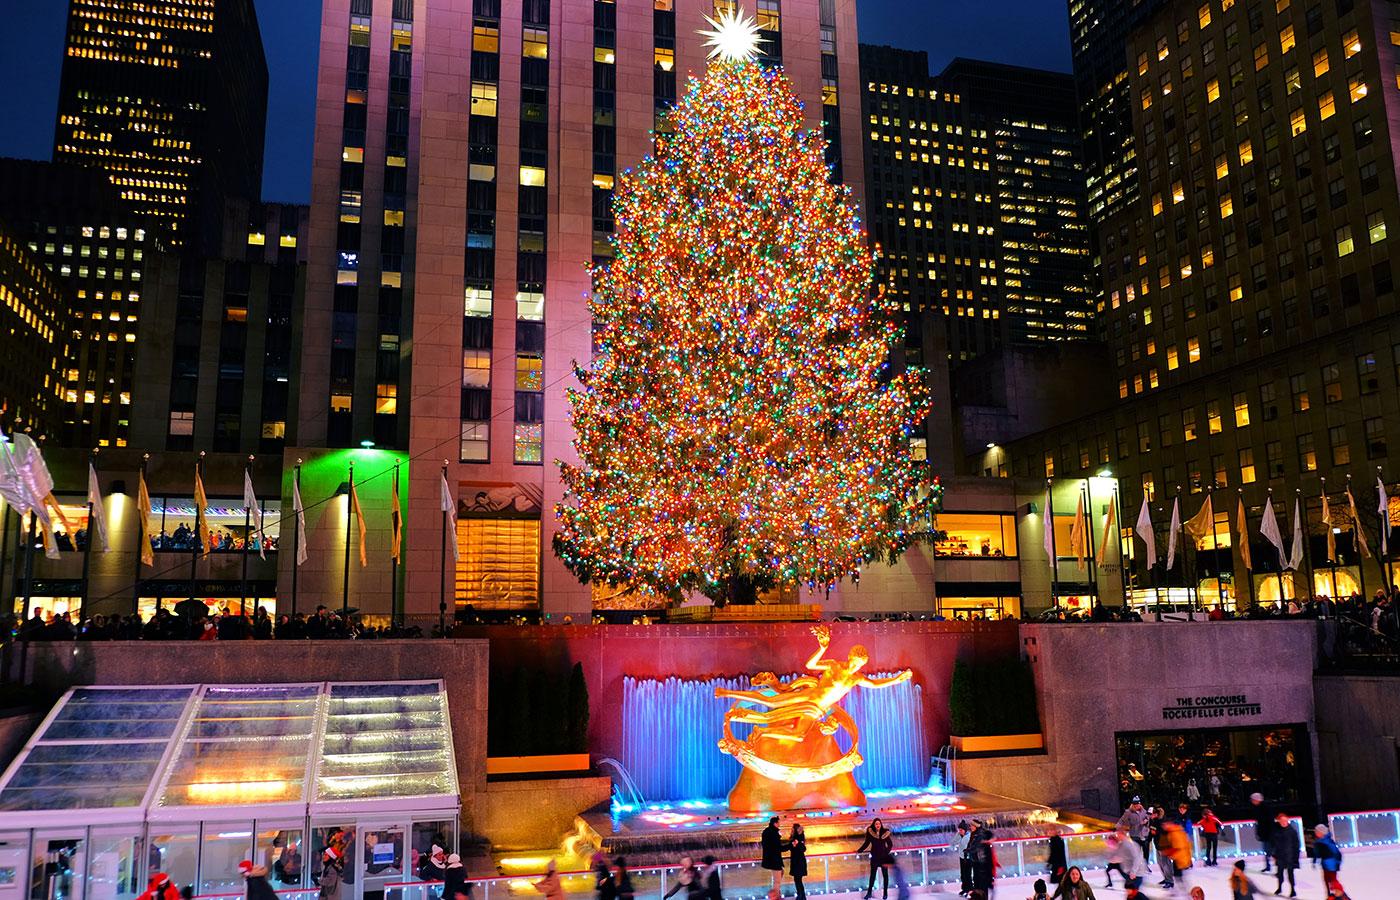 Navidades en Nueva York - Árbol del Rockefeller